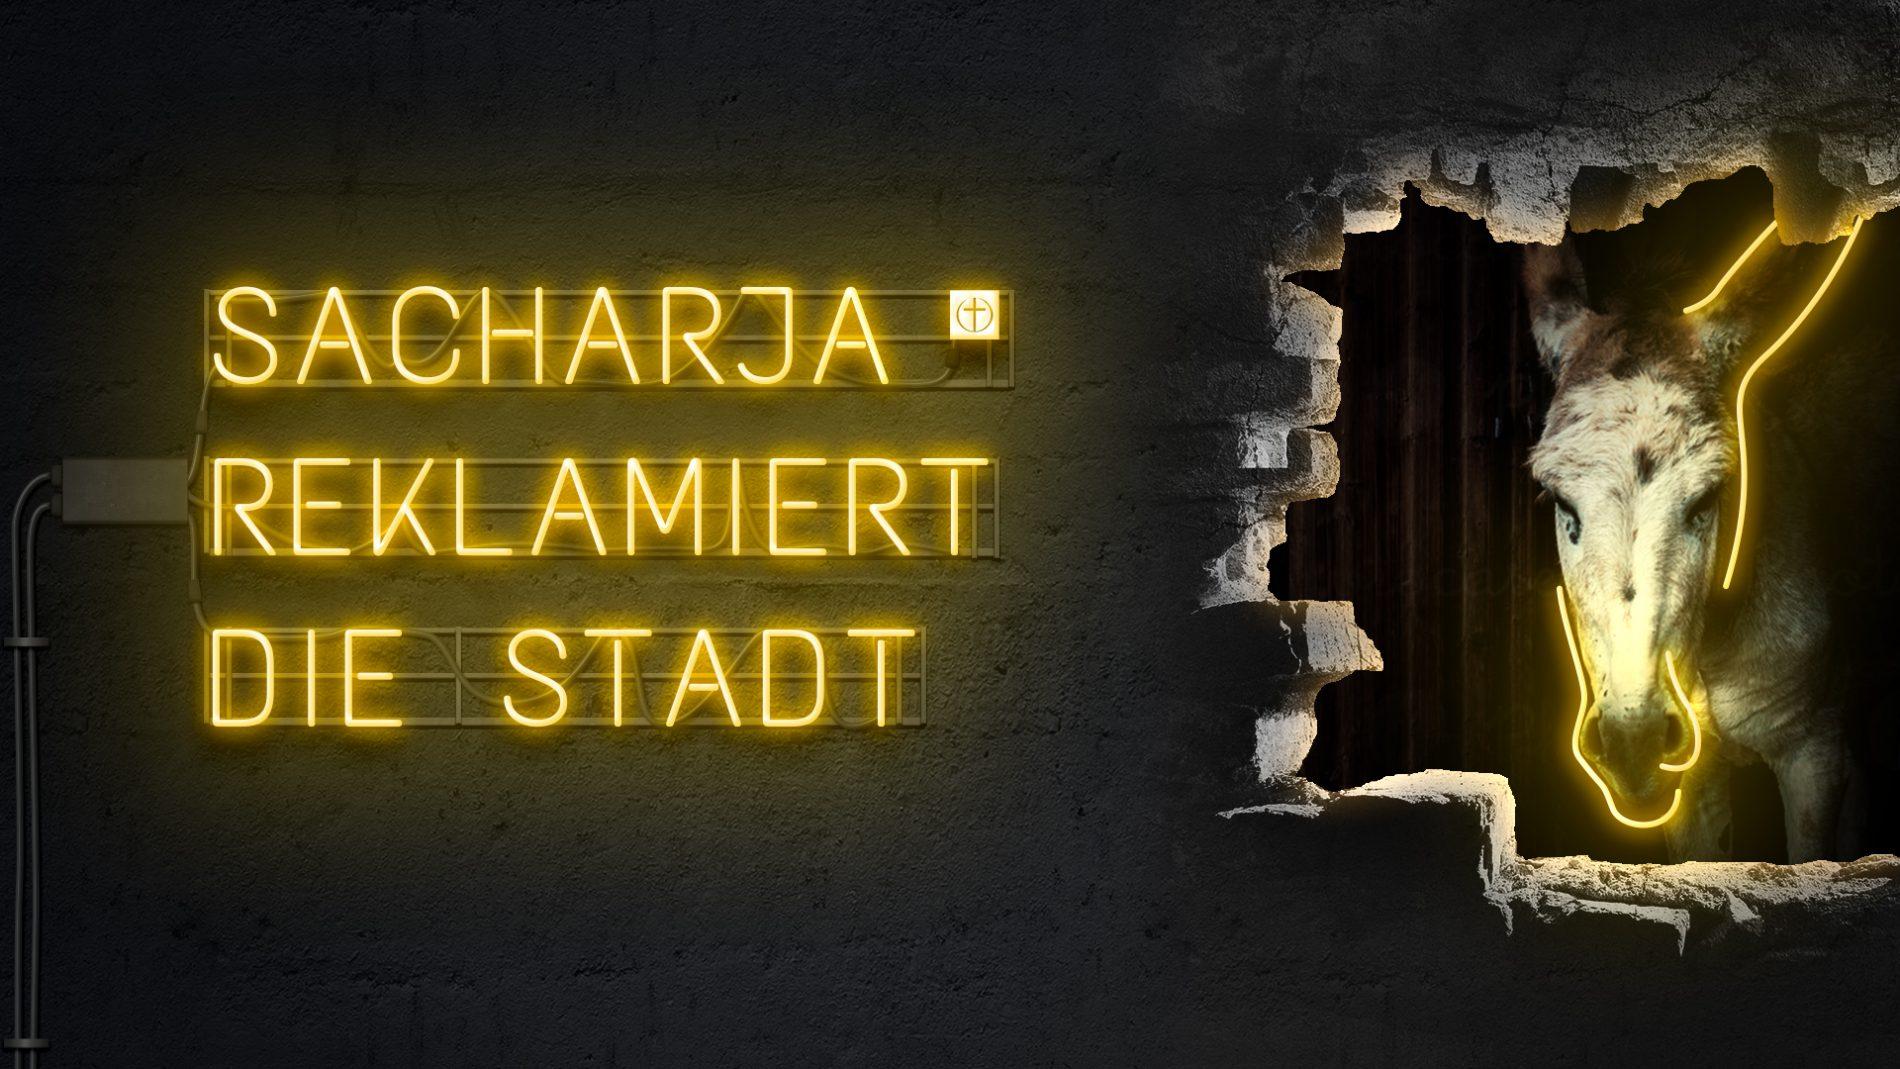 Sacharja reklamiert die Stadt (Zwölf Propheten XI)